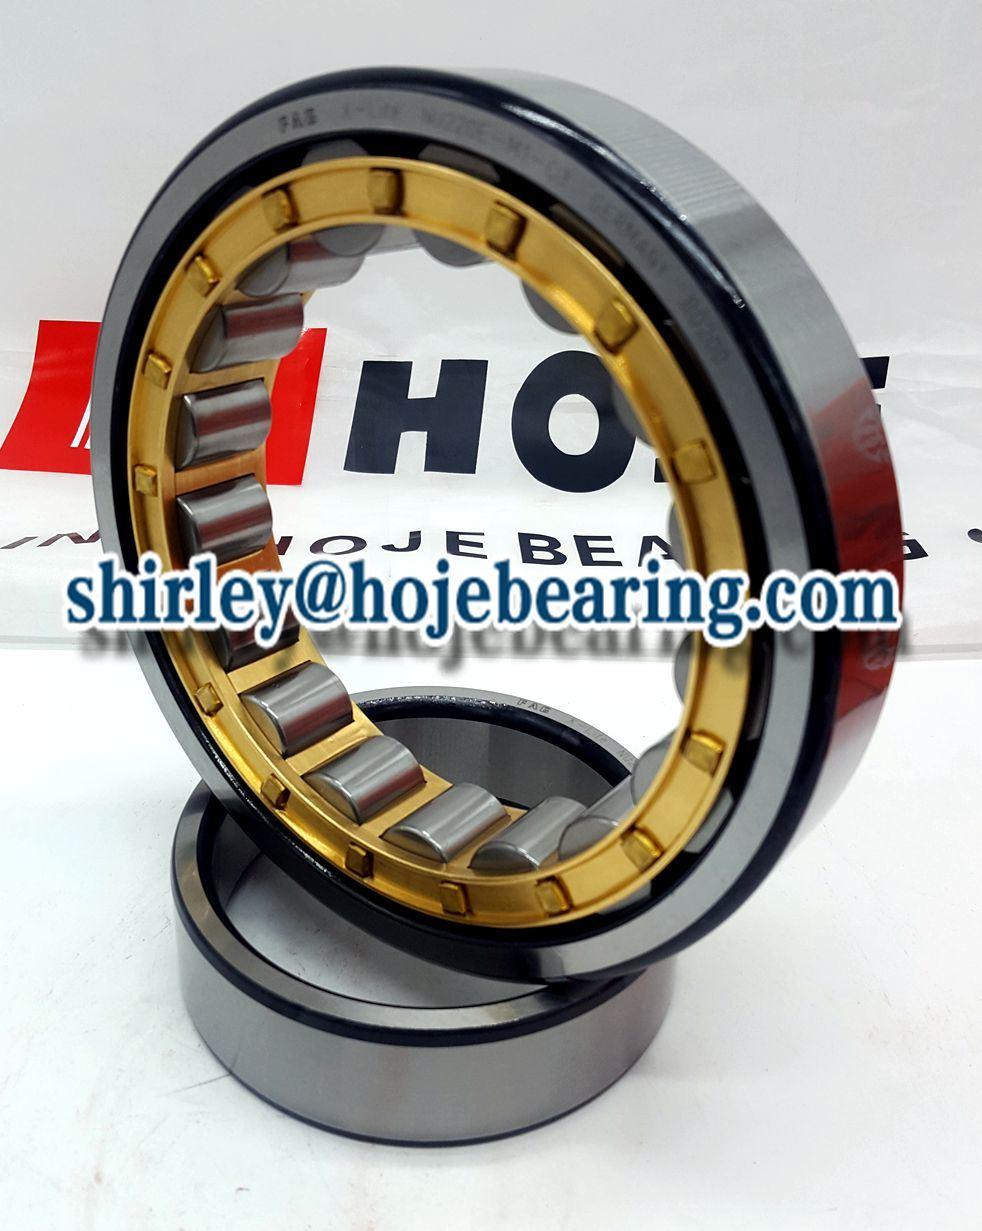 Flanged Cylindrical Roller Bearing Nu216, Nu2216, Nu316, Nu2316